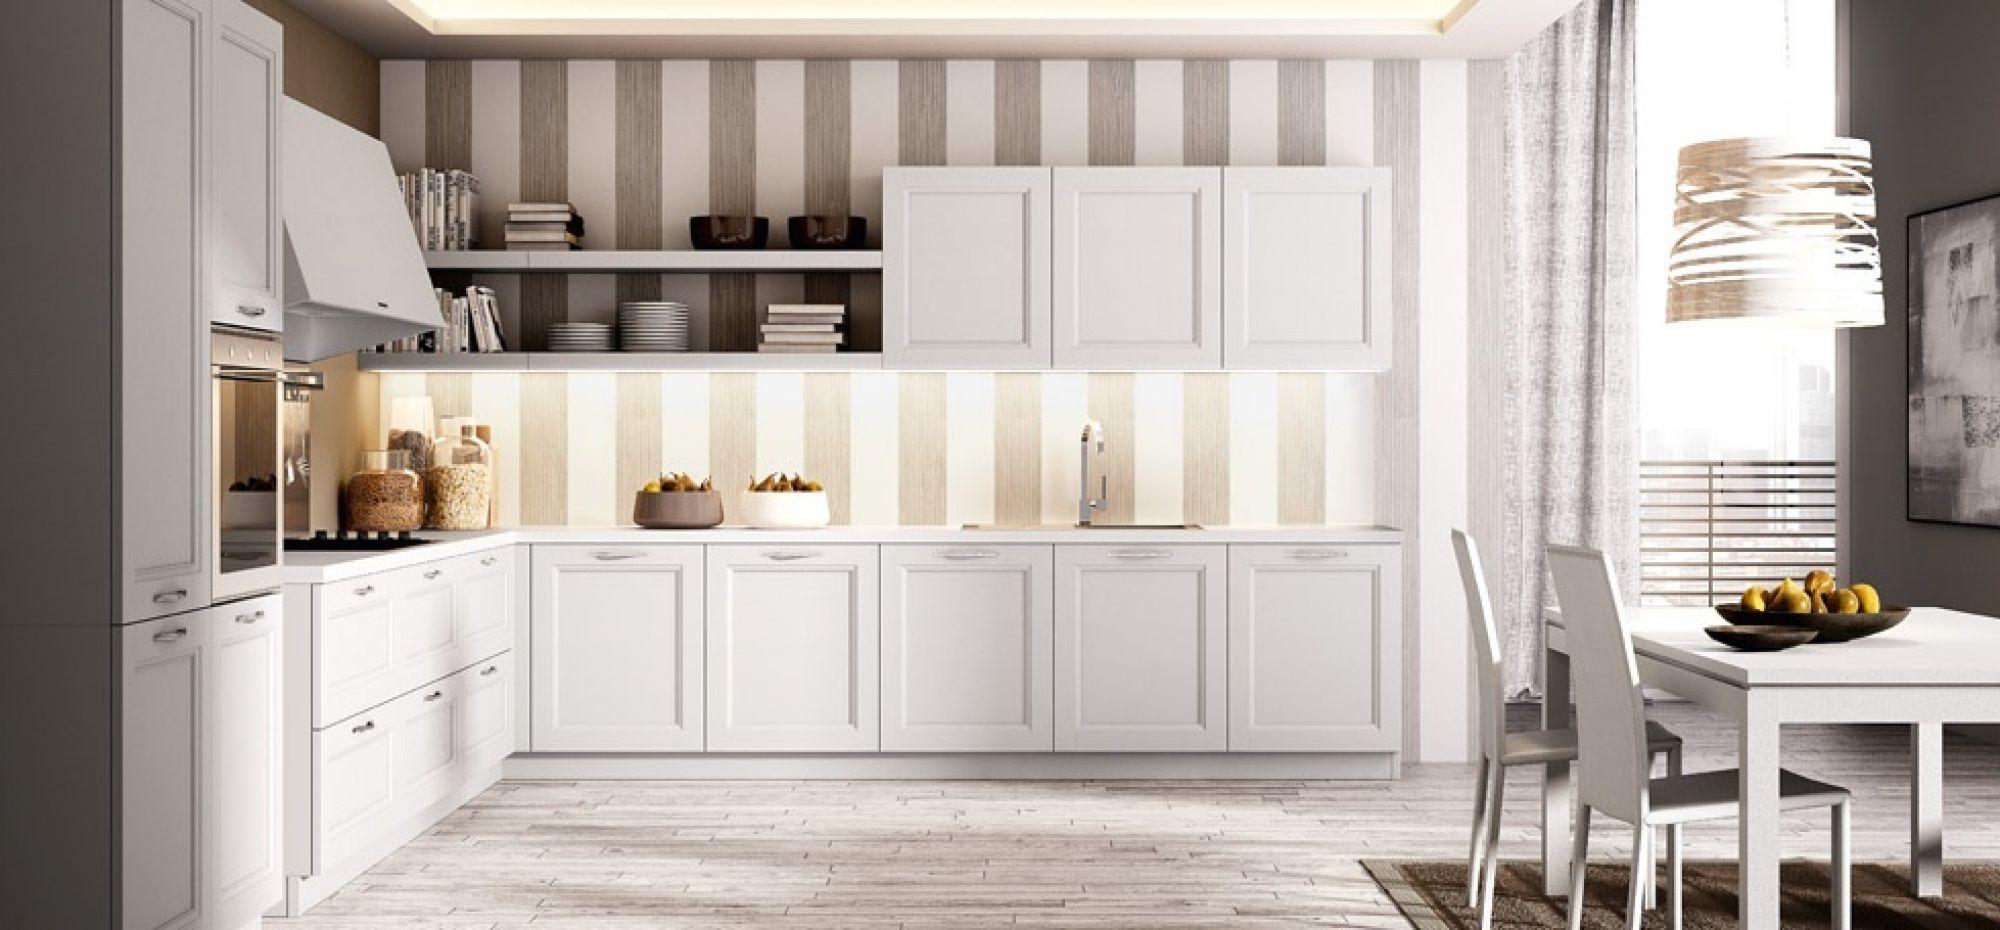 Ginevra • Cucine moderne by Berloni | Cucine | Pinterest | Kitchens ...